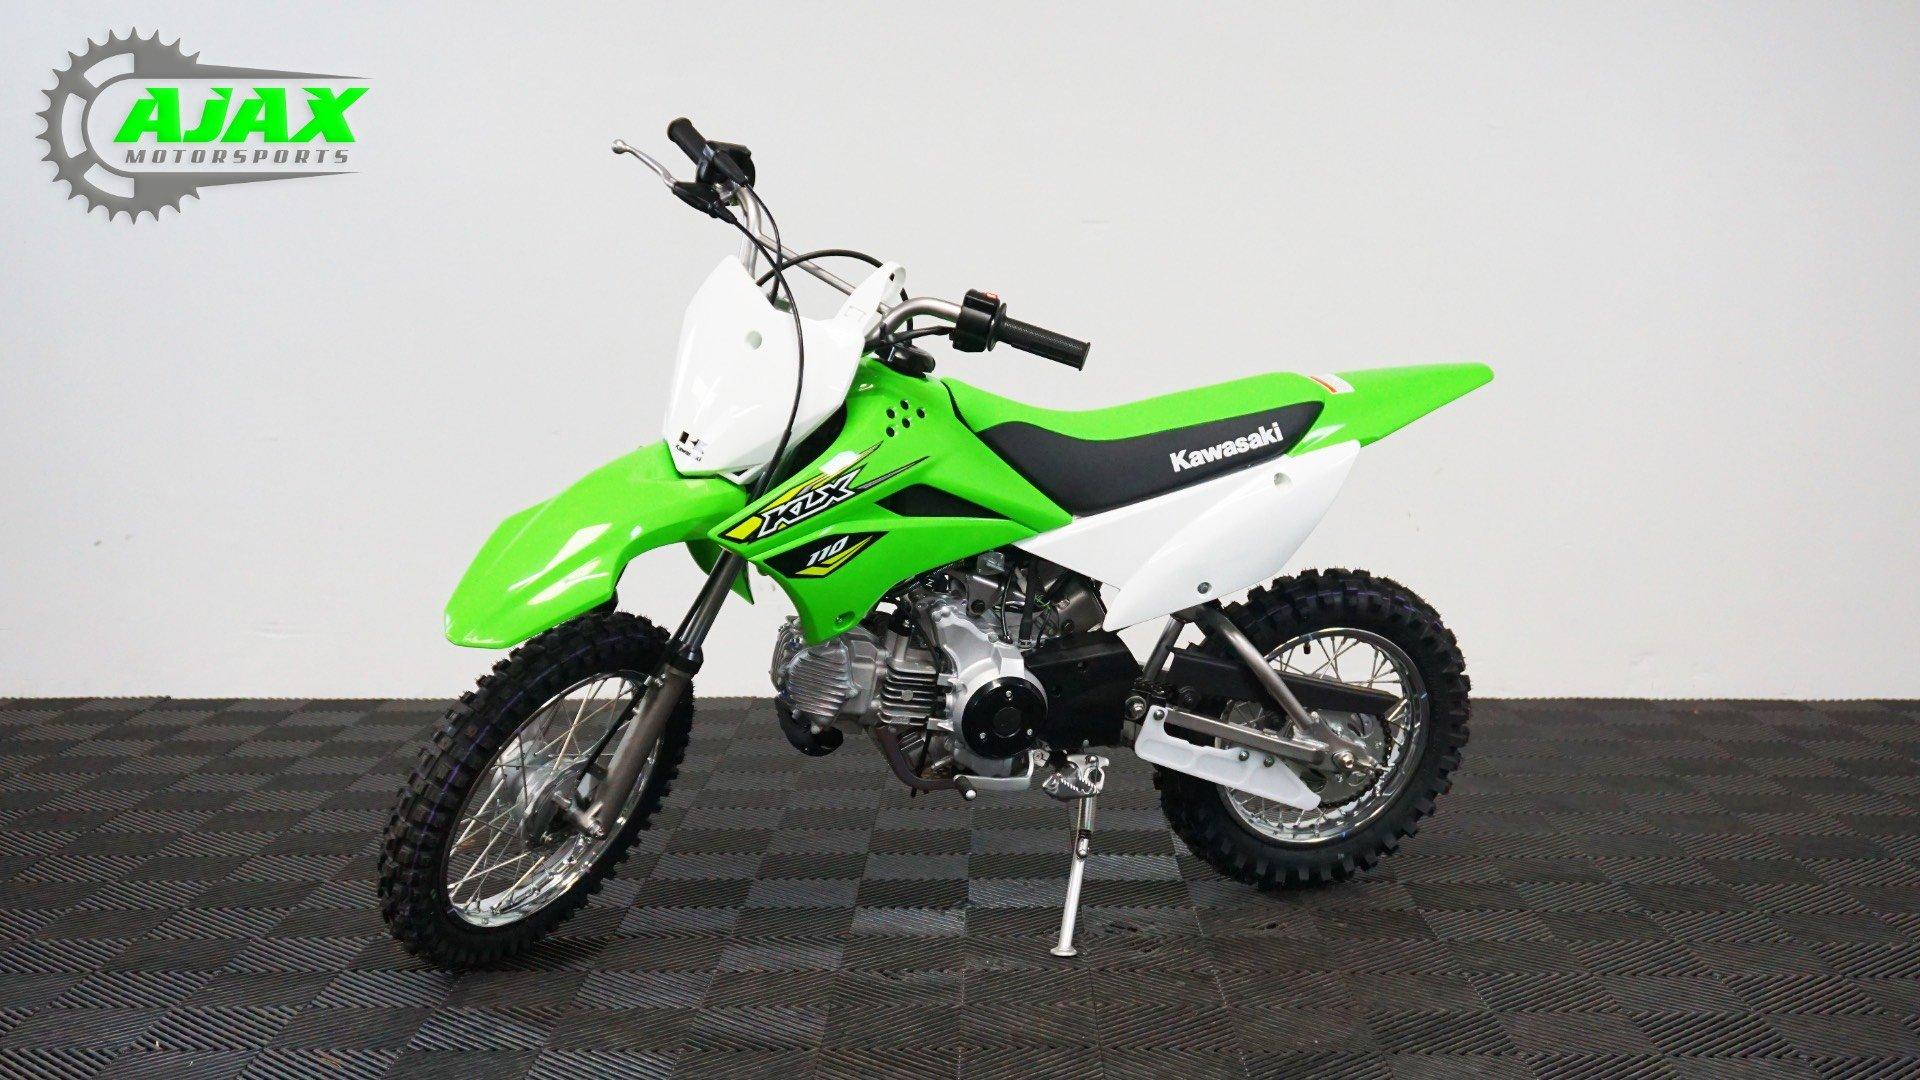 New 2018 Kawasaki KLX 110 Motorcycles in Oklahoma City, OK | Stock